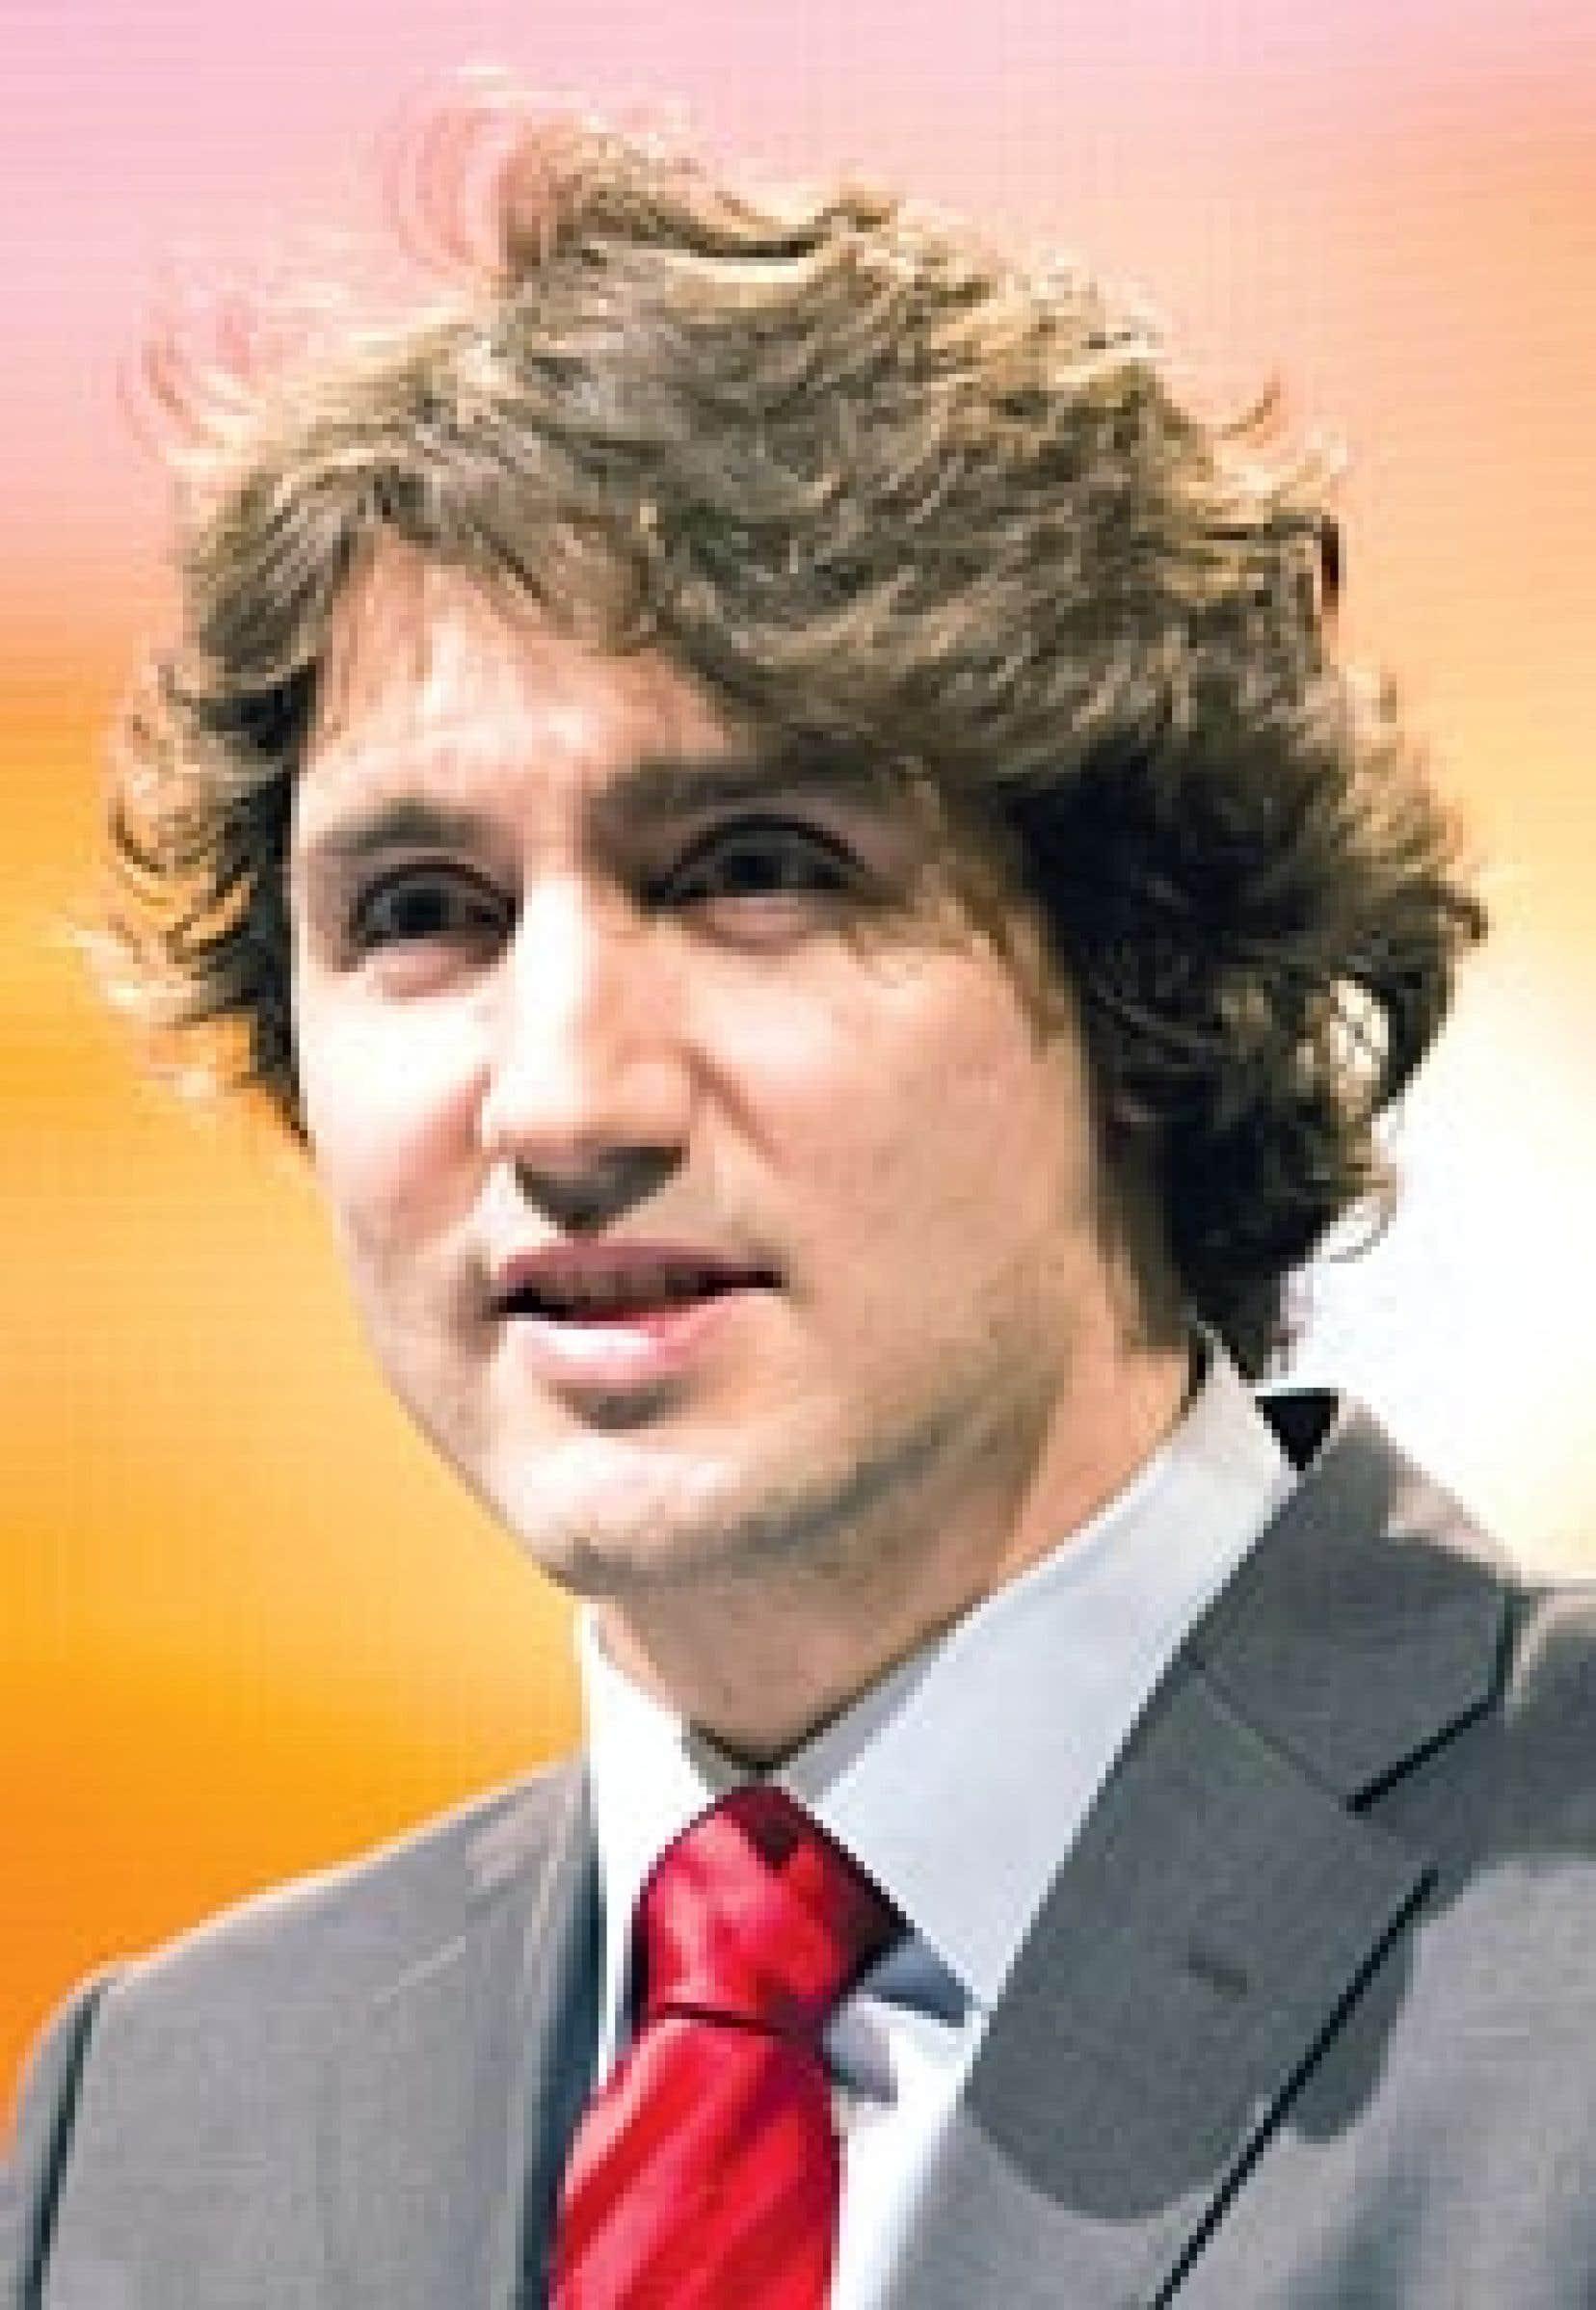 Justin Trudeau a été critiqué plus tôt ce mois-ci pour sa participation à la conférence Reviving the Islamic Spirit - Faire revivre l'esprit islamique - à cause d'allégations d'un lien entre l'un des commanditaires de l'événement et le groupe islamique militant Hamas.